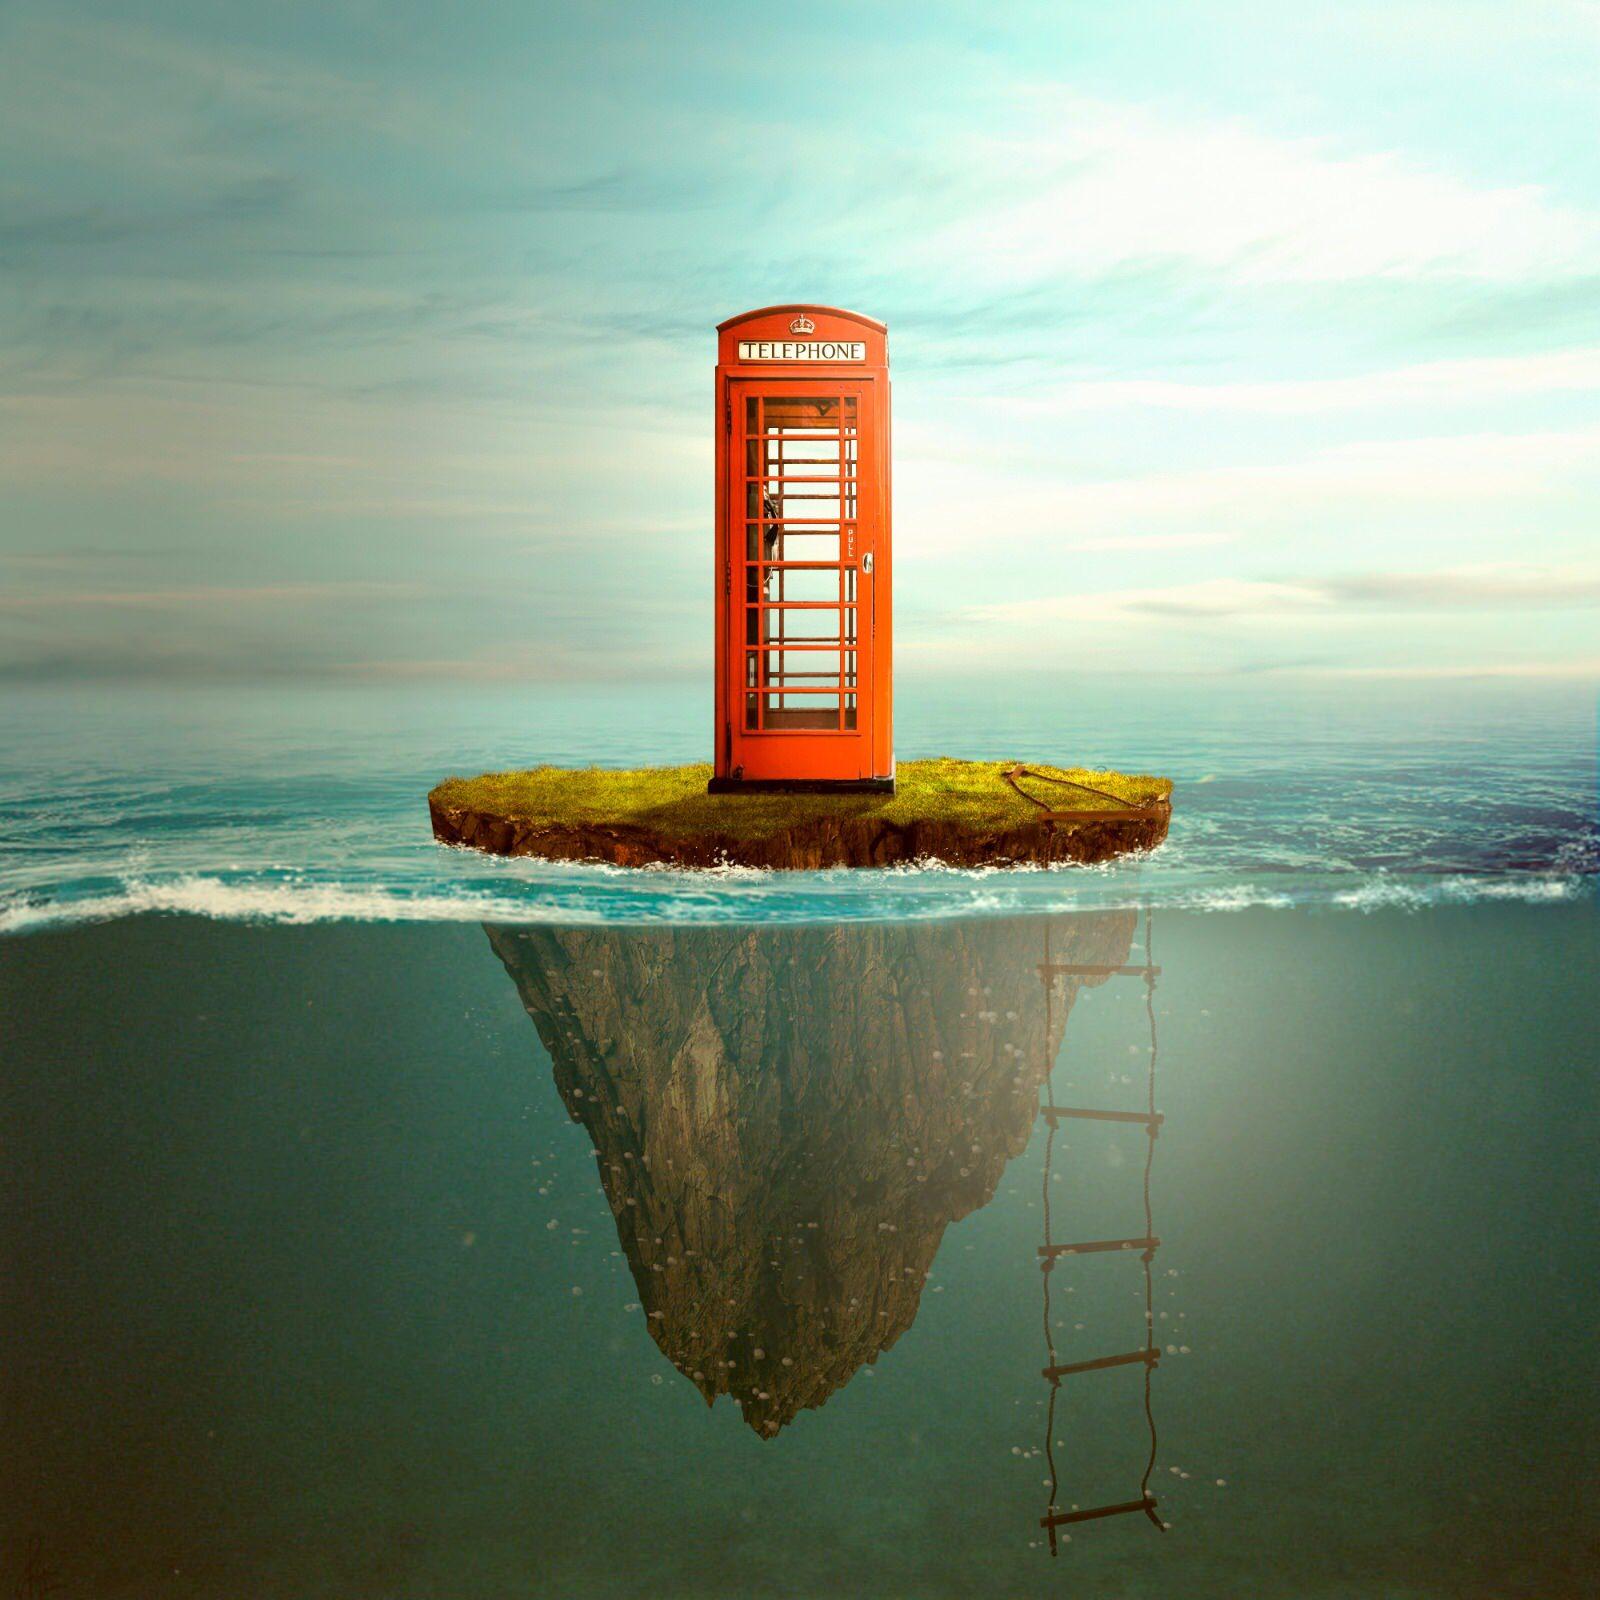 phone-island_32635257605_o